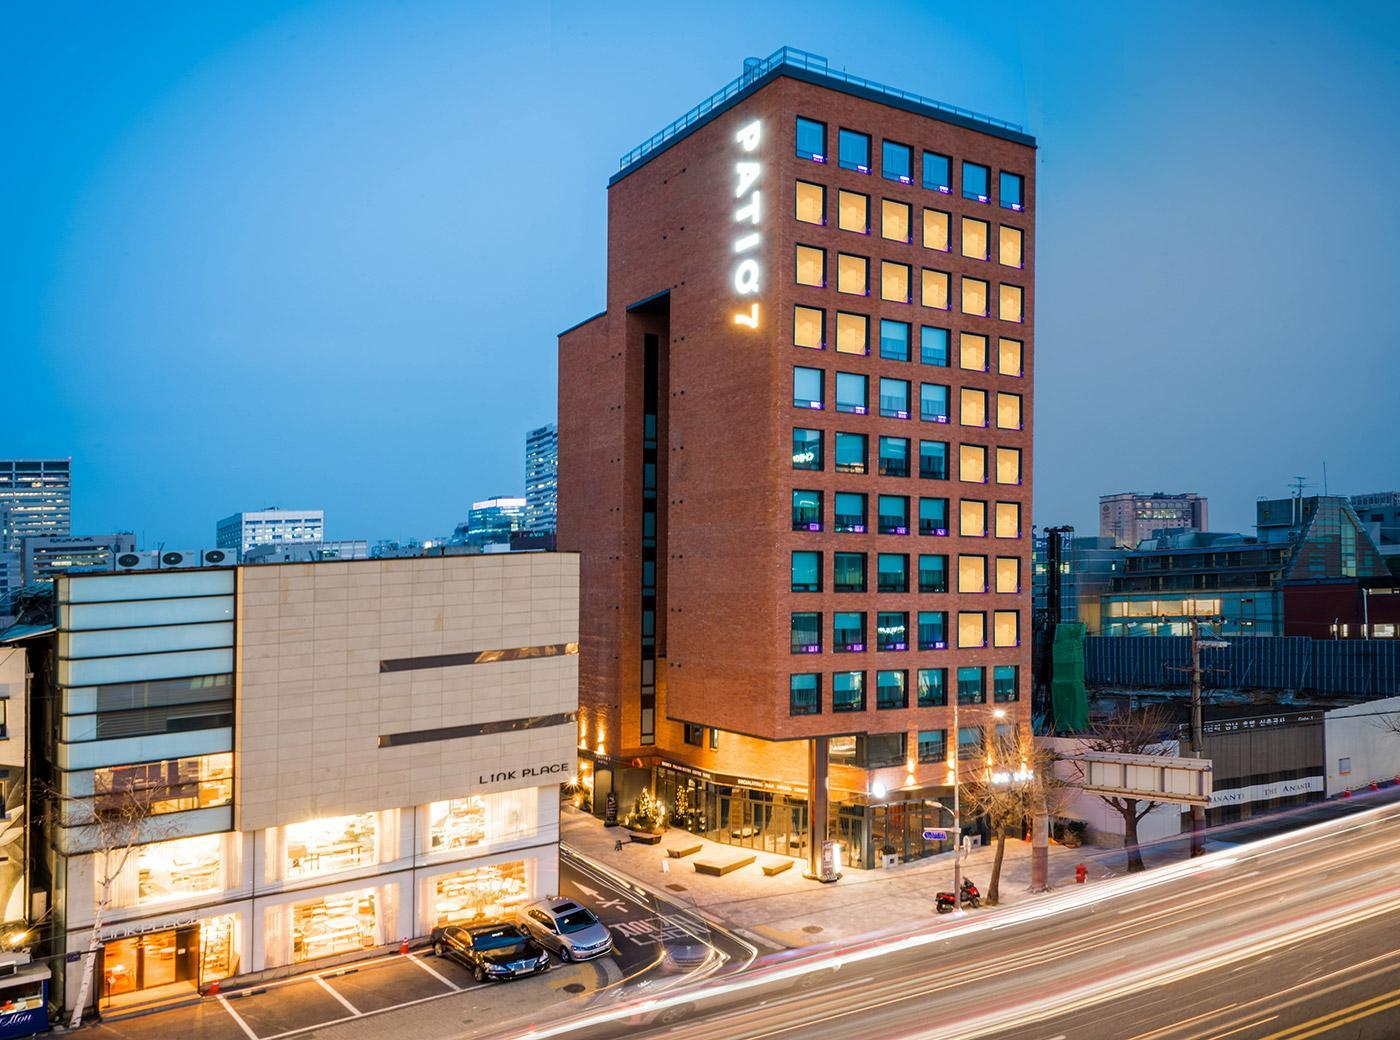 PATIO7 Hotel